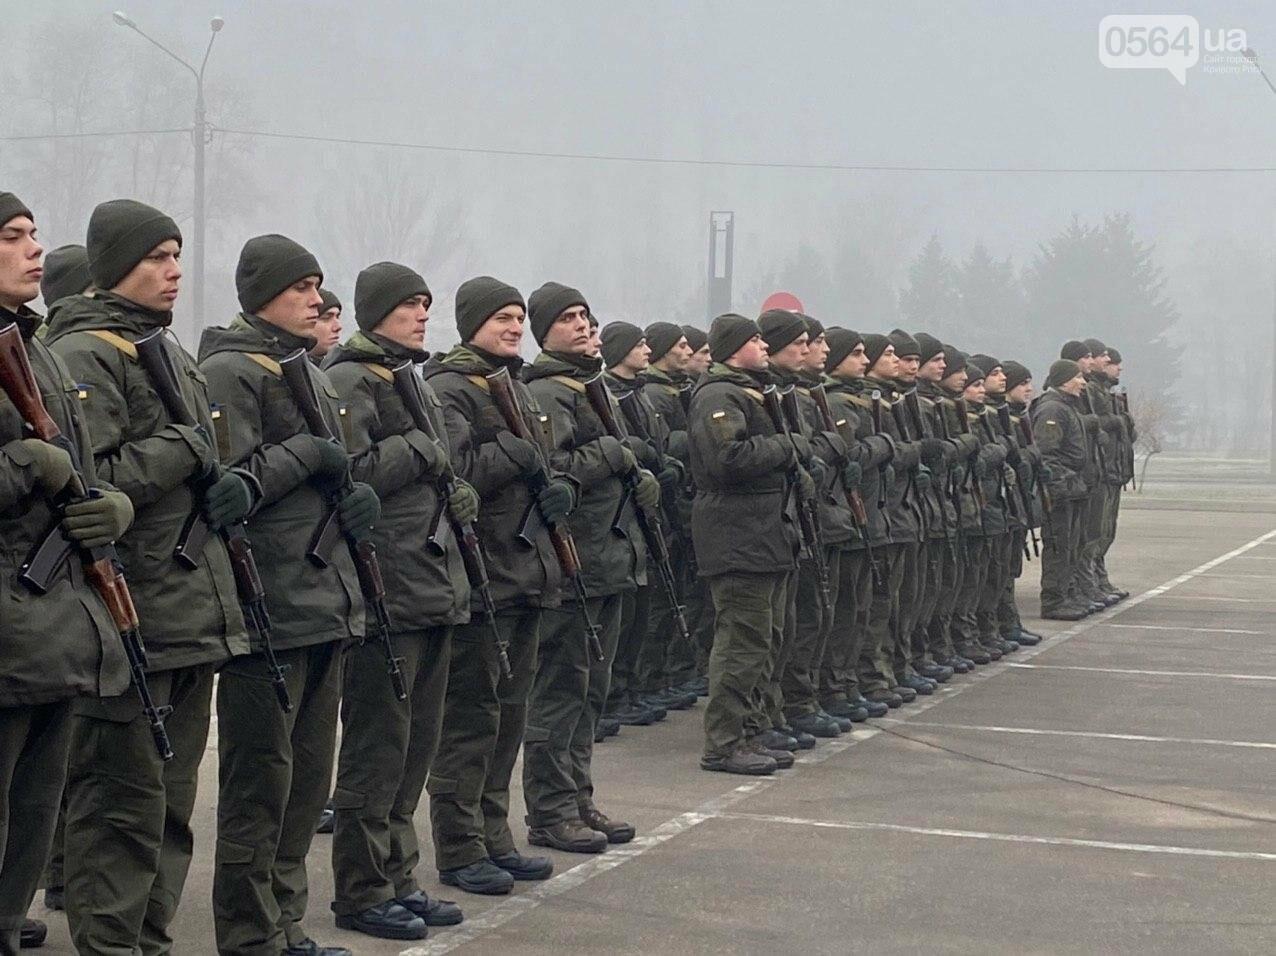 В Кривом Роге на верность украинскому народу присягнули 43 нацгвардейца, - ФОТО, ВИДЕО , фото-4